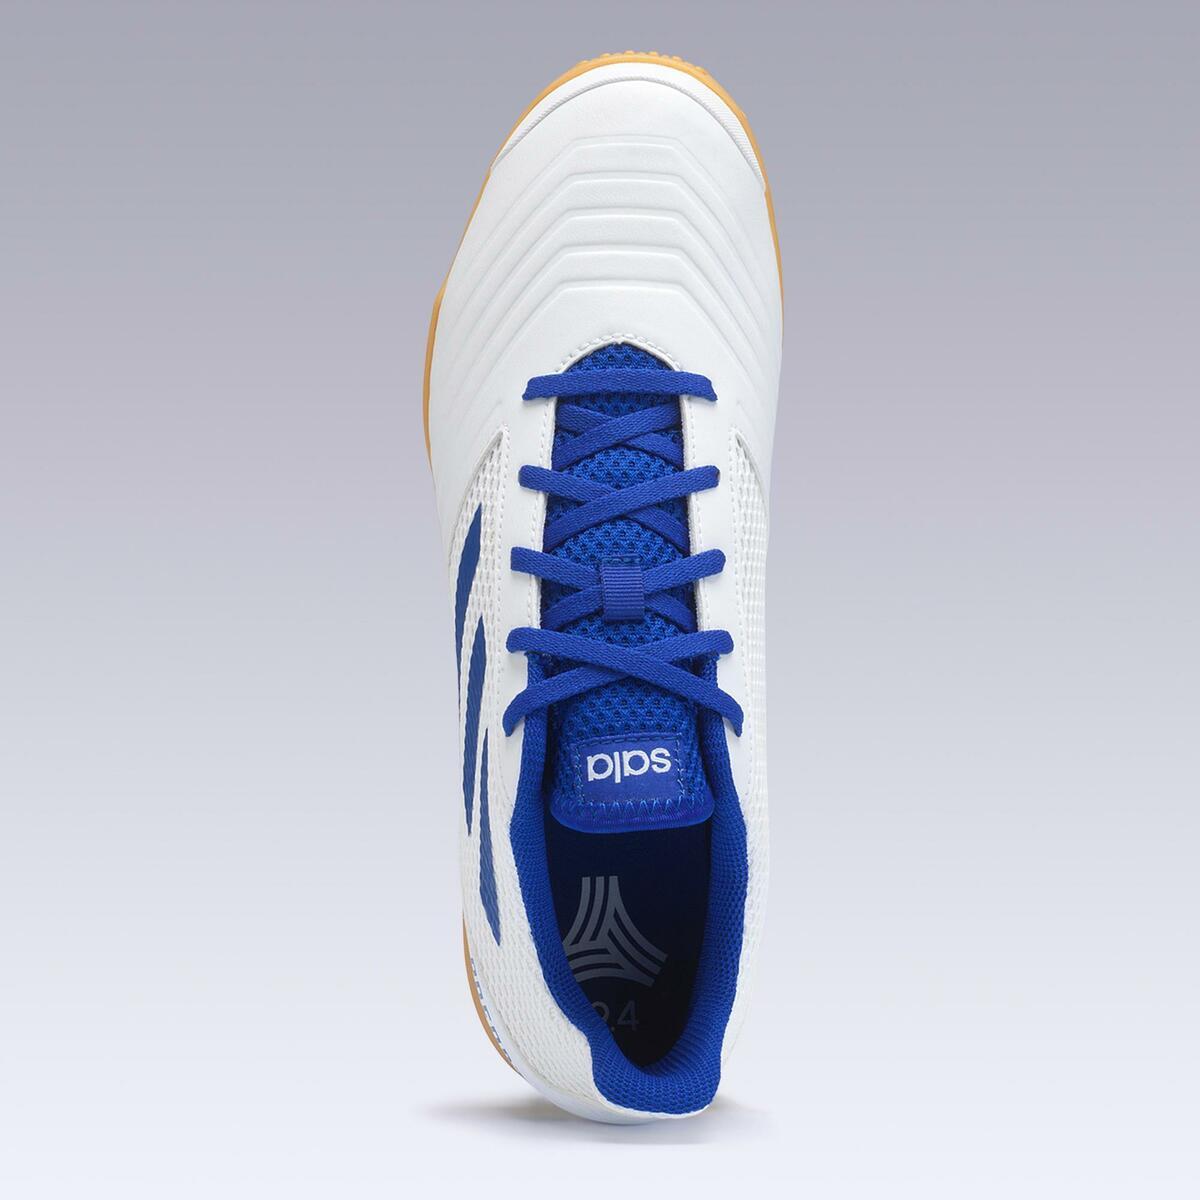 Bild 4 von Hallenschuhe Futsal Fußball Predator Tango 4 FS19 Erwachsene weiß/blau